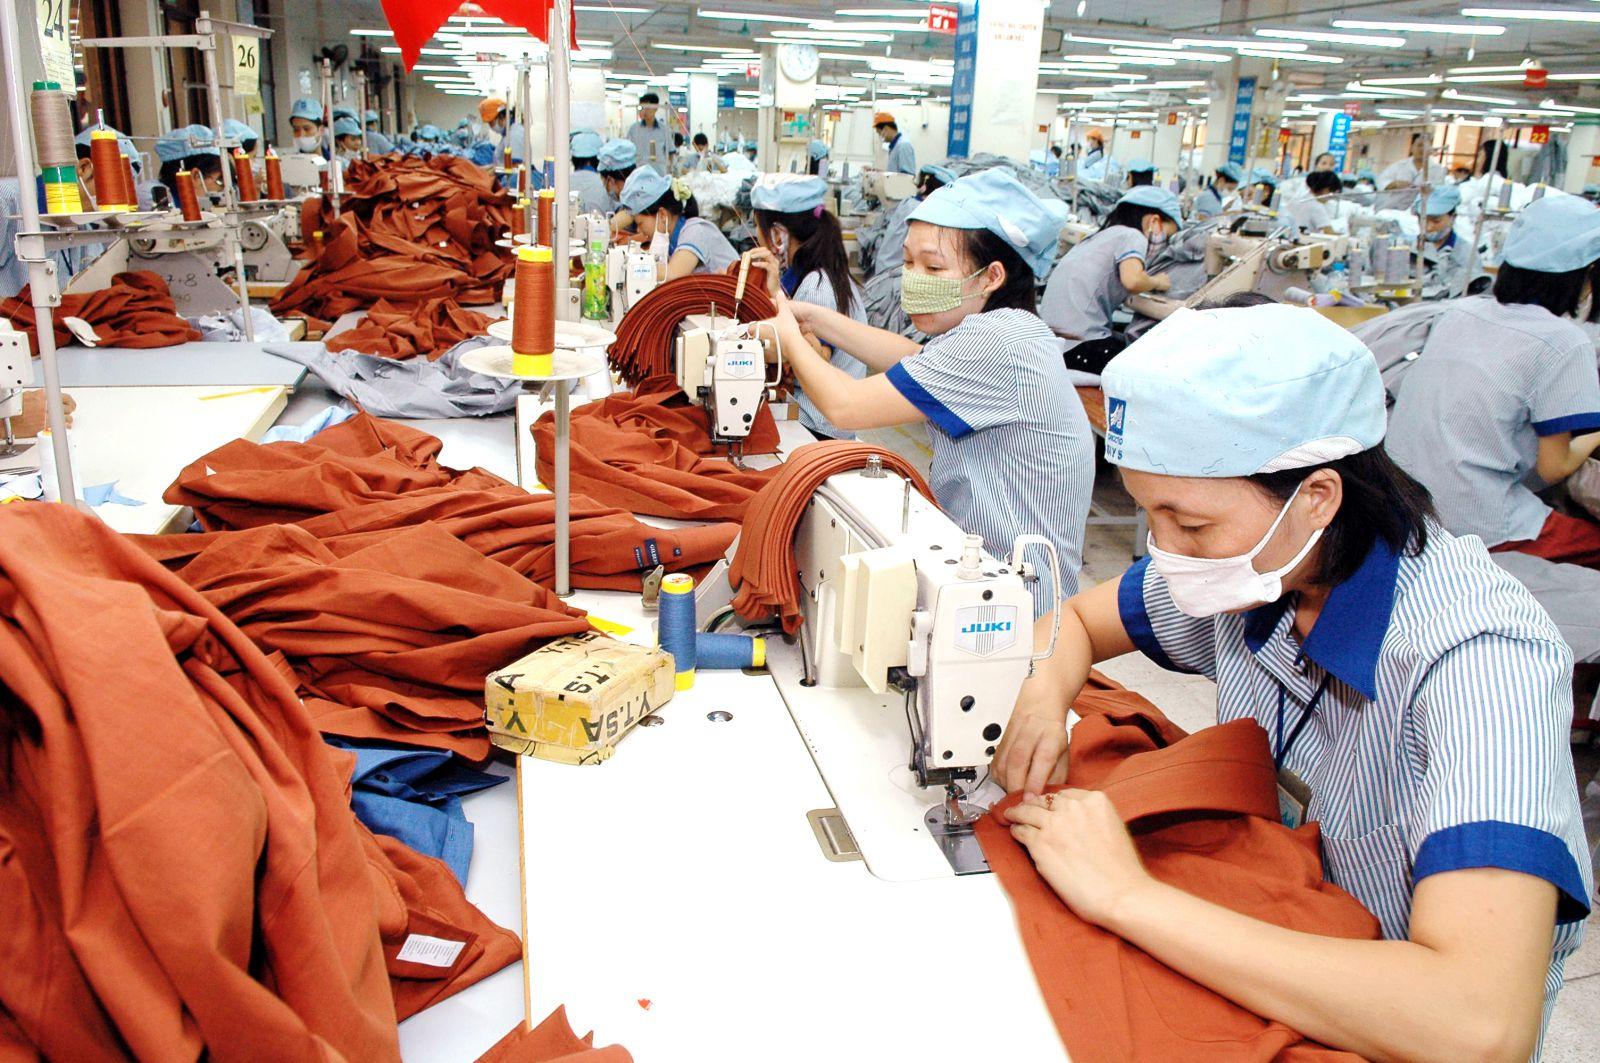 Hoa Kỳ là thị trường xuất khẩu lớn nhất của Việt Nam trong 11